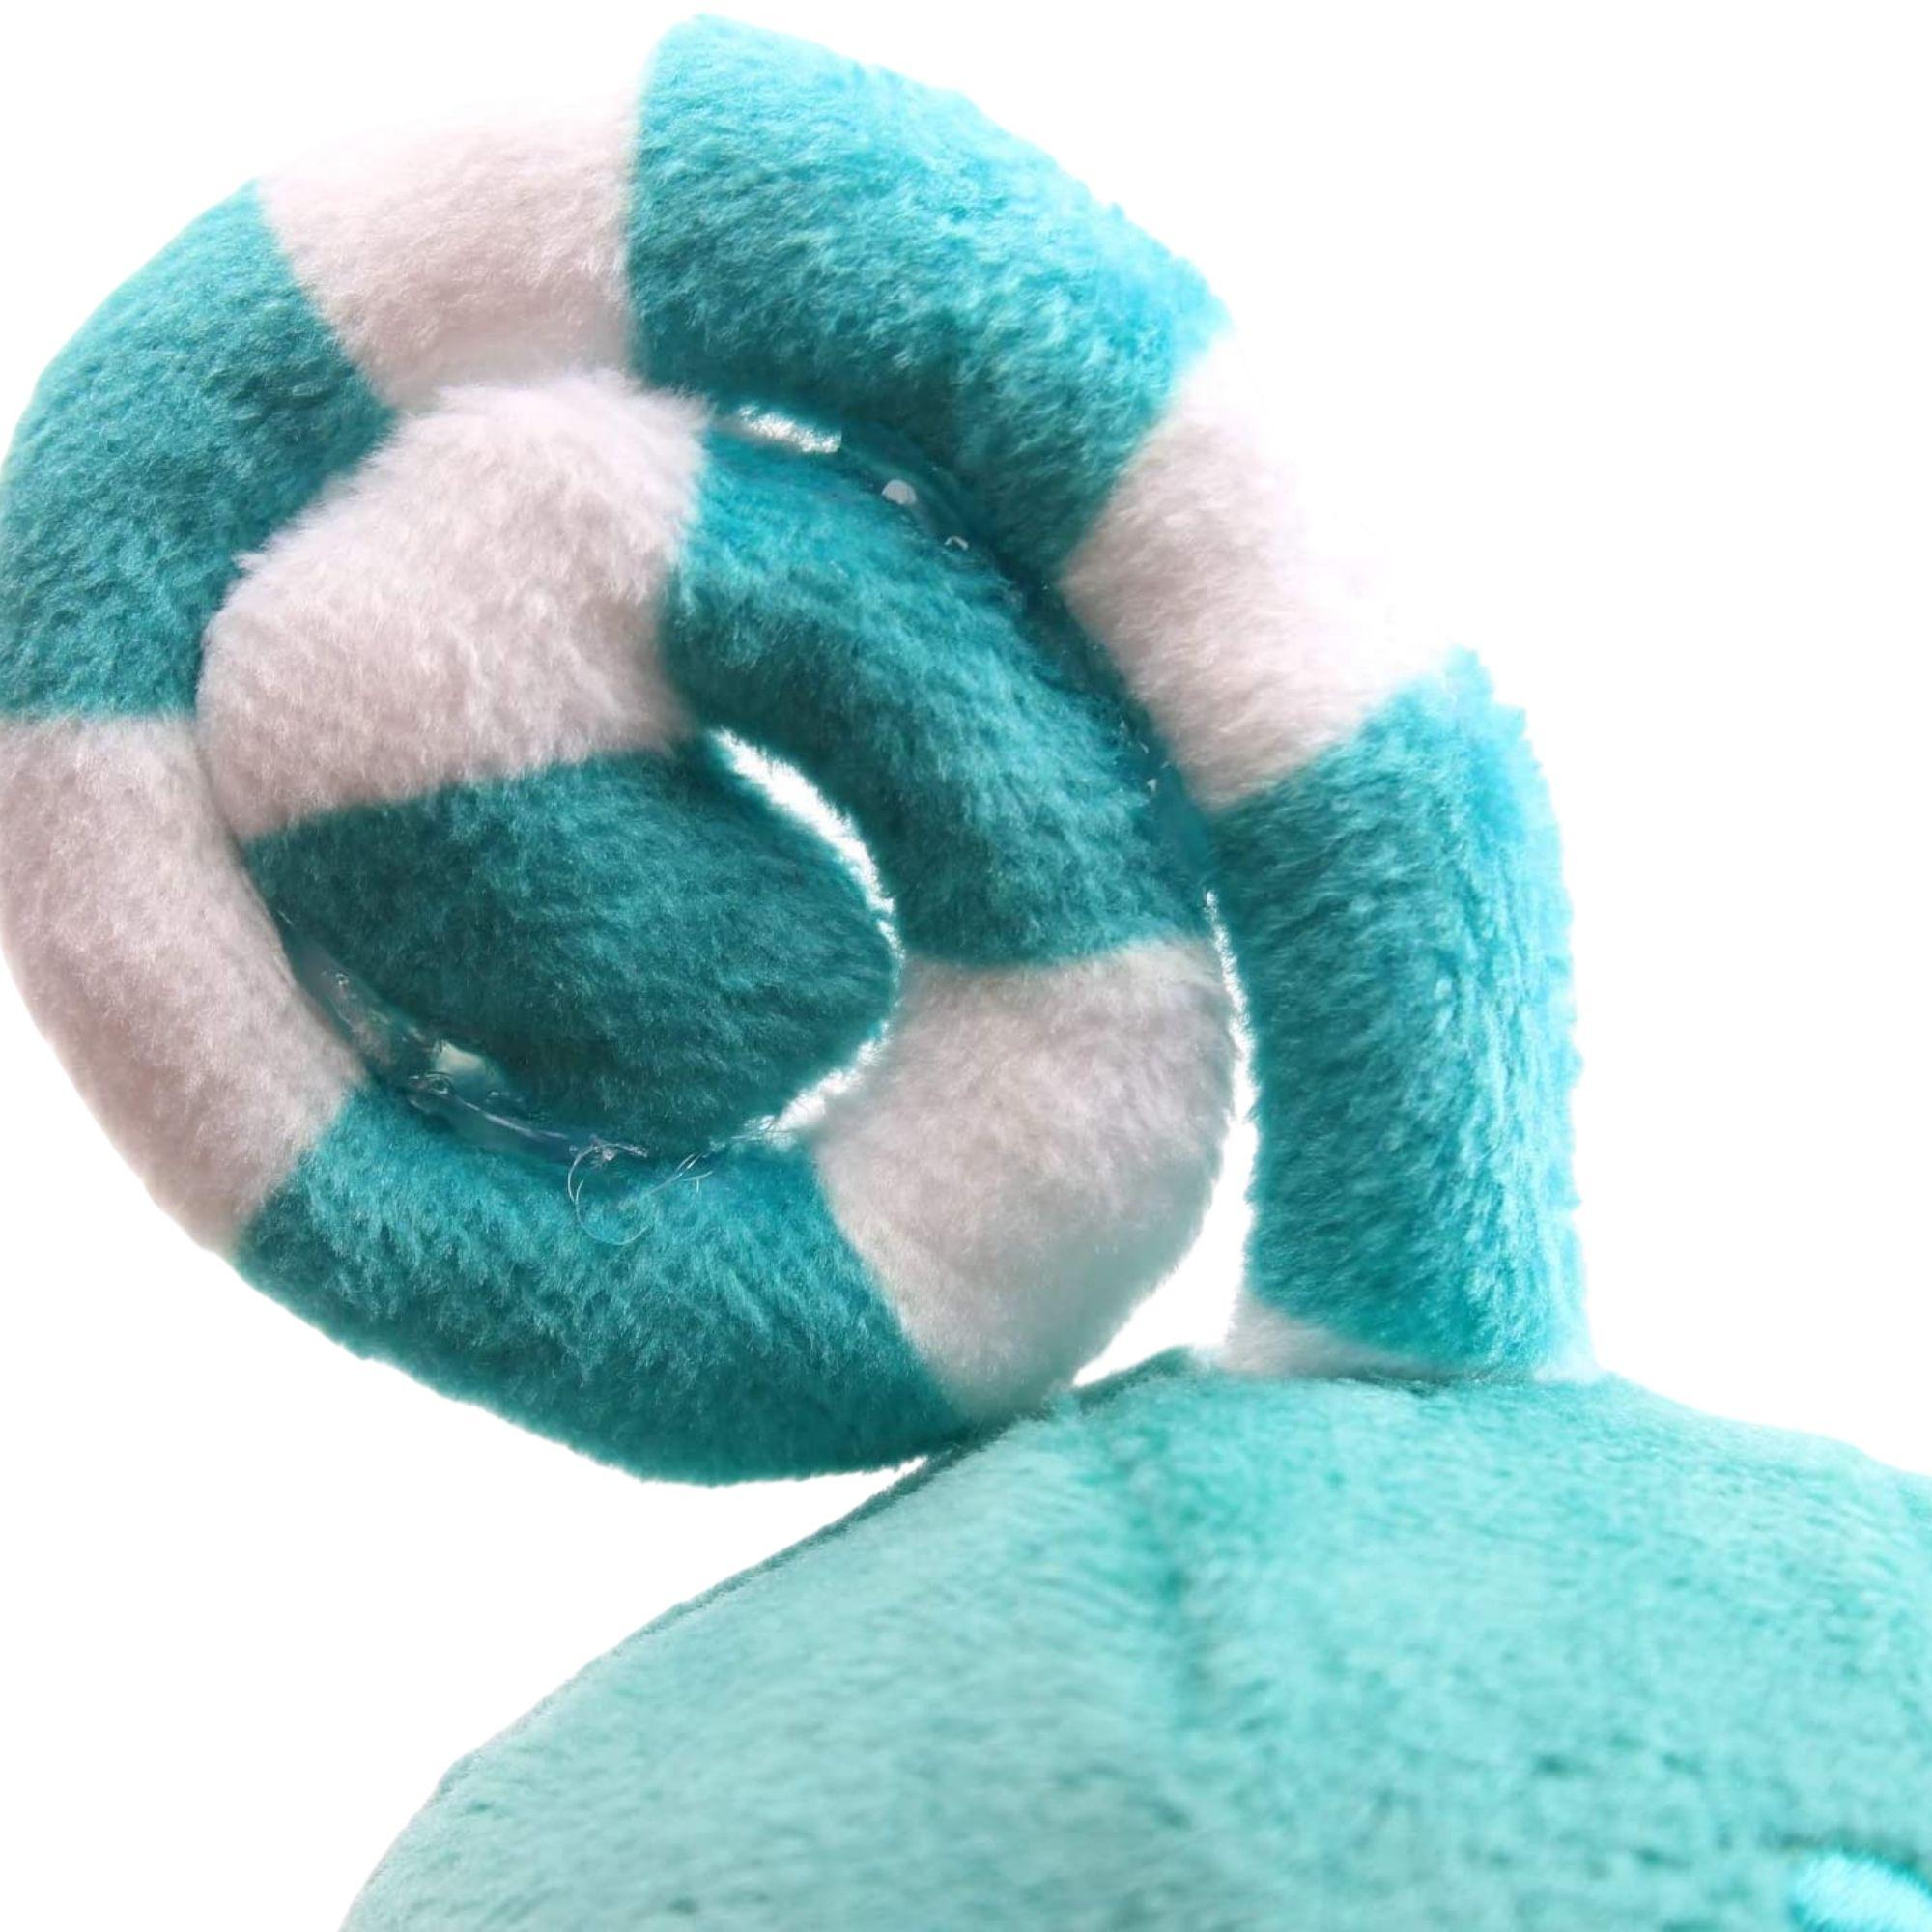 Kit com 2 Bonecos de Pelúcia Oddbods - 1 Verde e 1 Azul  - Game Land Brinquedos